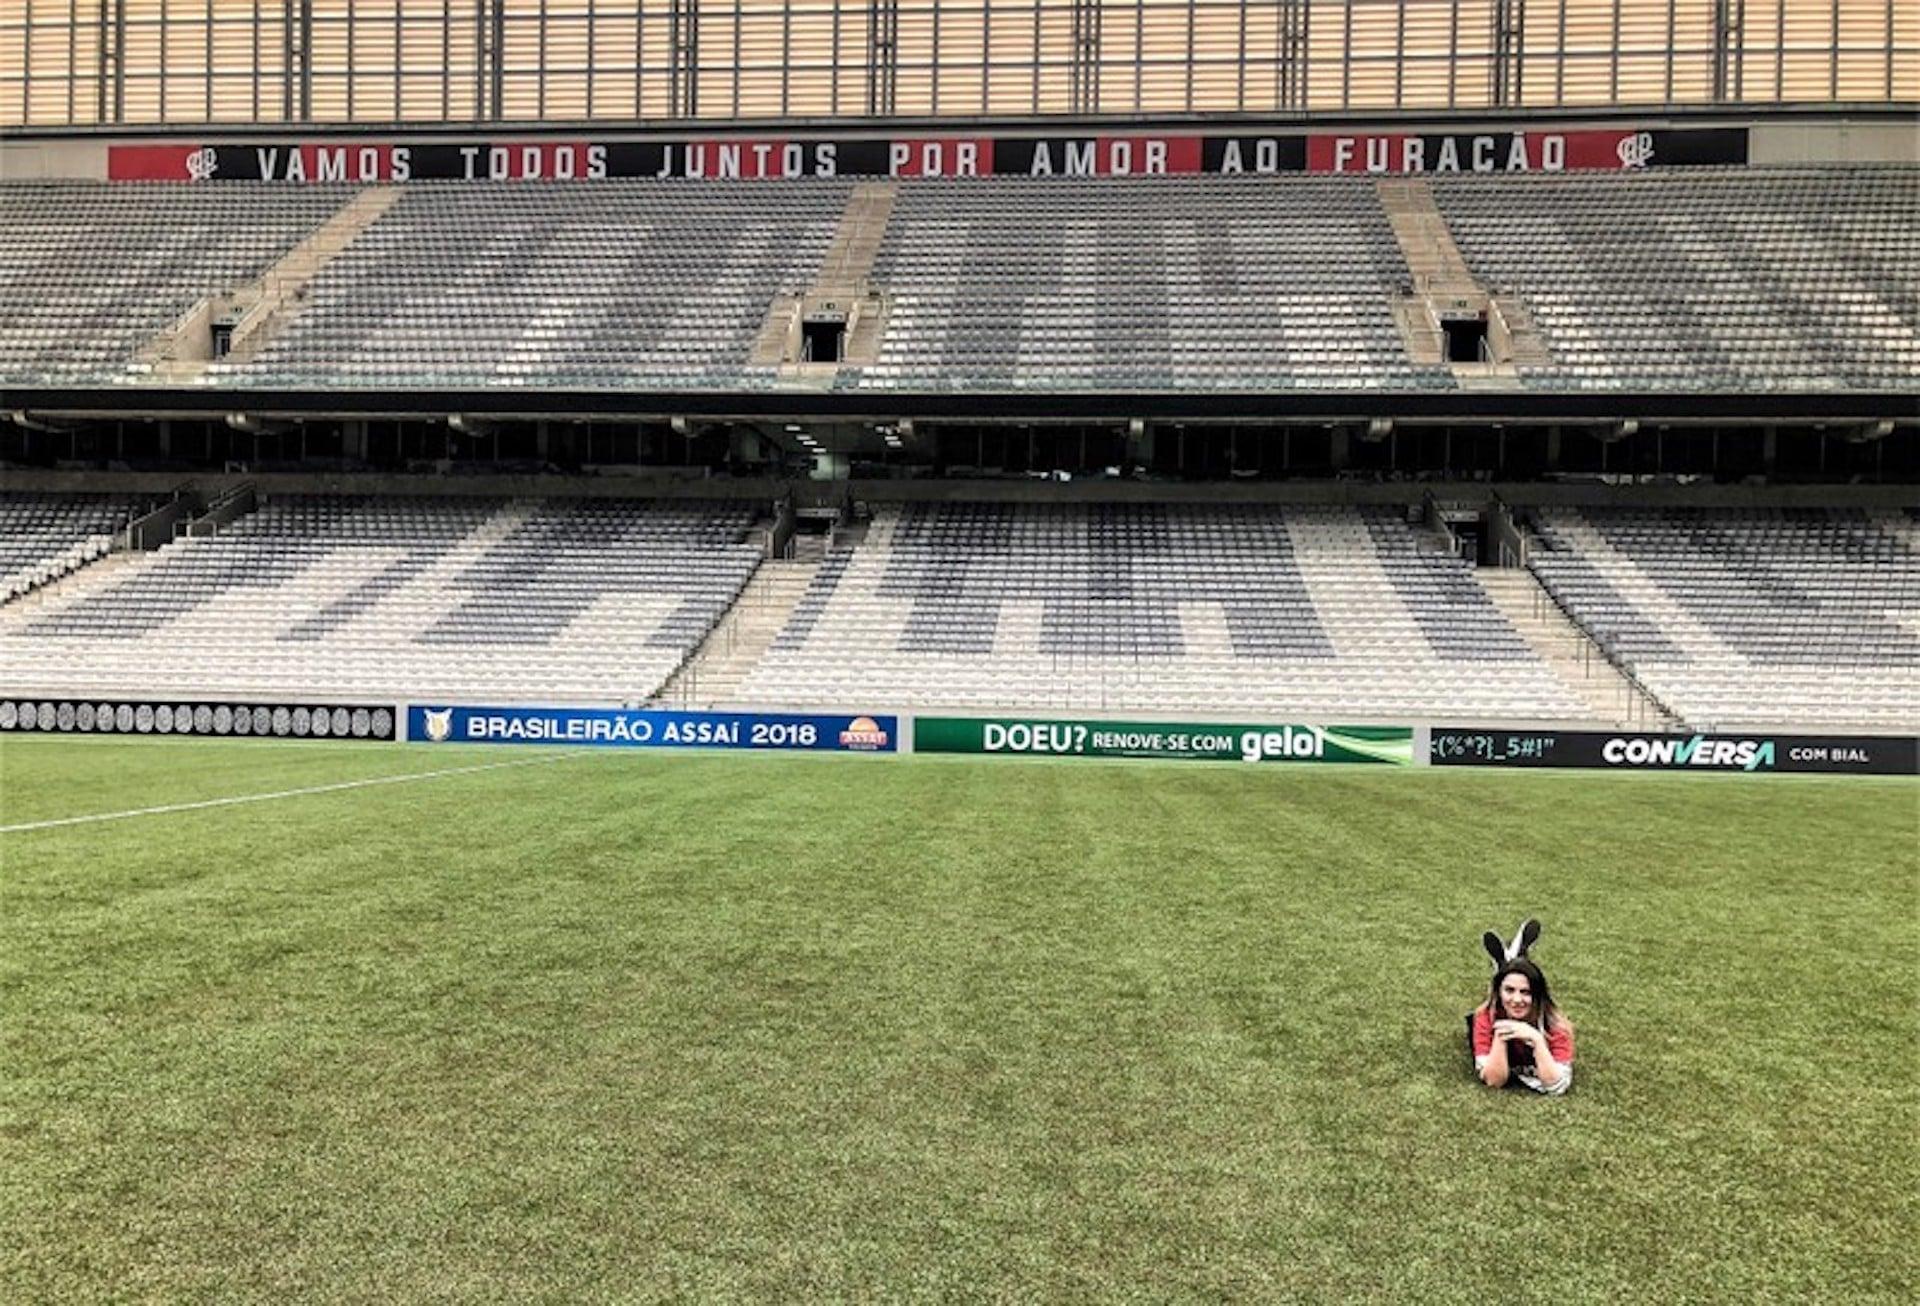 Tour pela Arena da Baixada em Curitiba - estádio do Atlético Paranaense